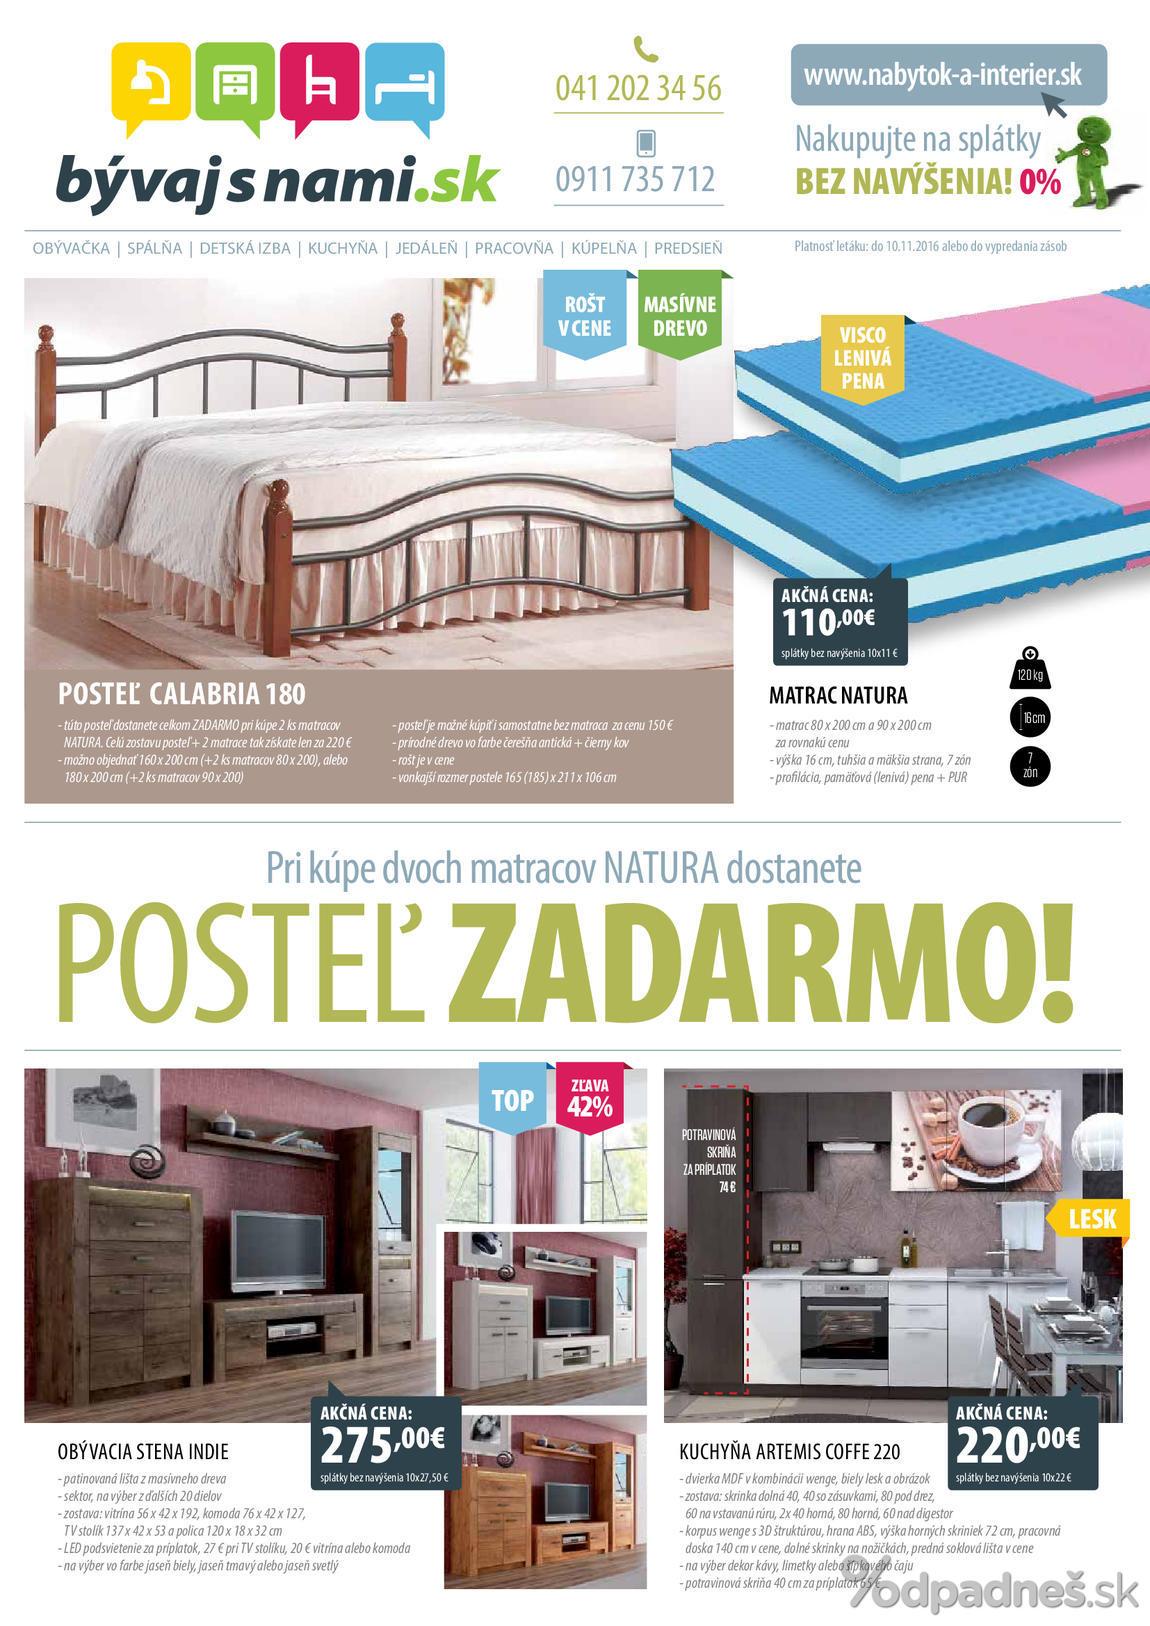 Asko- nabytok.sk Zavov Kupny a Kdy (7x) Zava 5 2020!